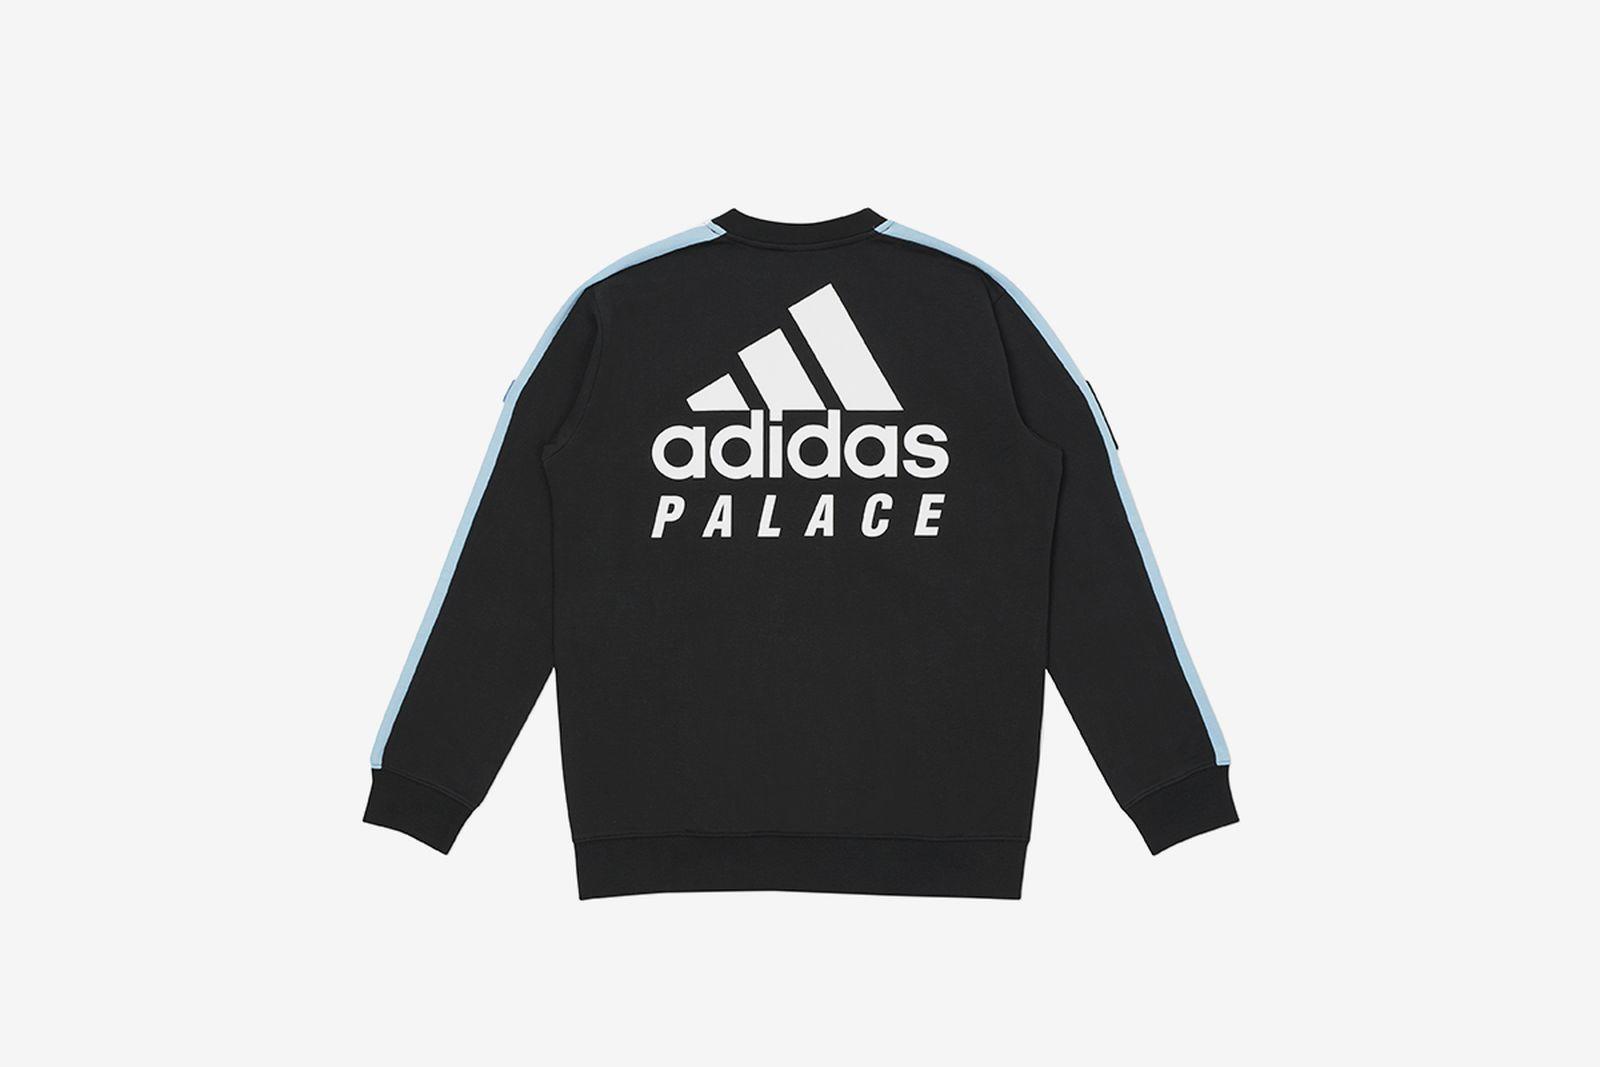 palace-adidas-fw20-2-08